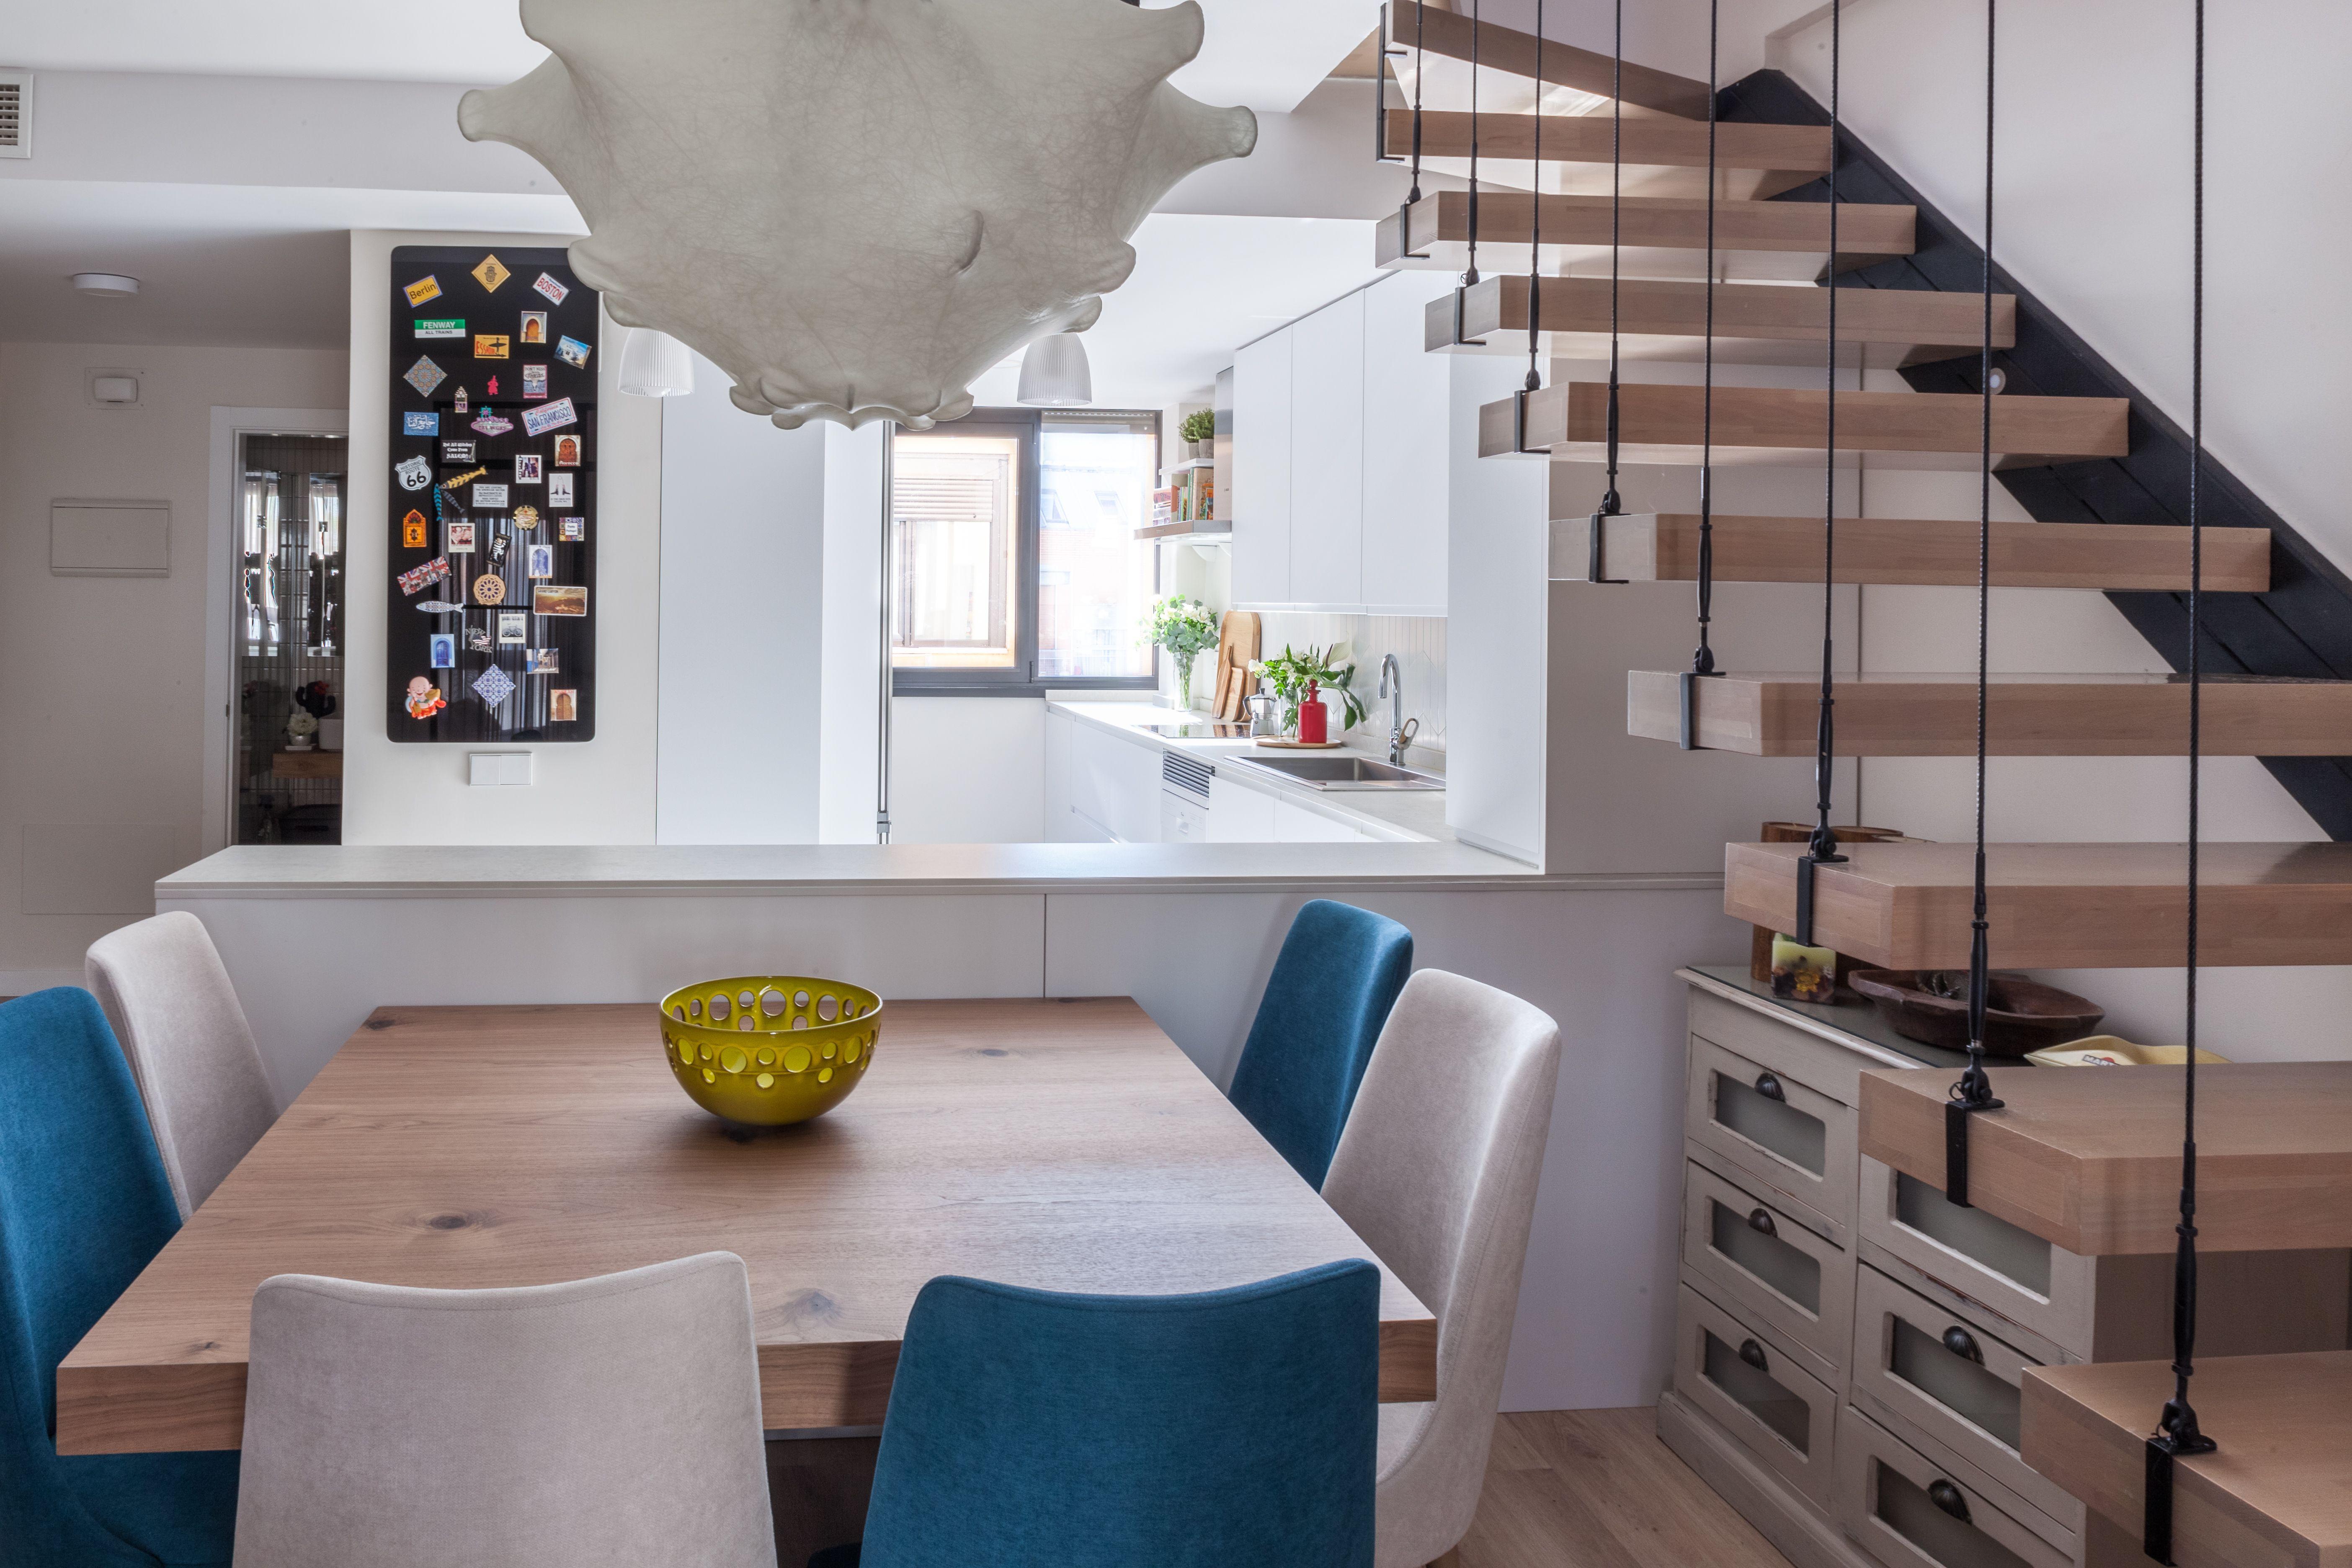 Cocina Abierta Al Comedor Con Mesa Integrada Cocinas Abiertas Cocina Comedor Con Barra Mobiliario De Cocina